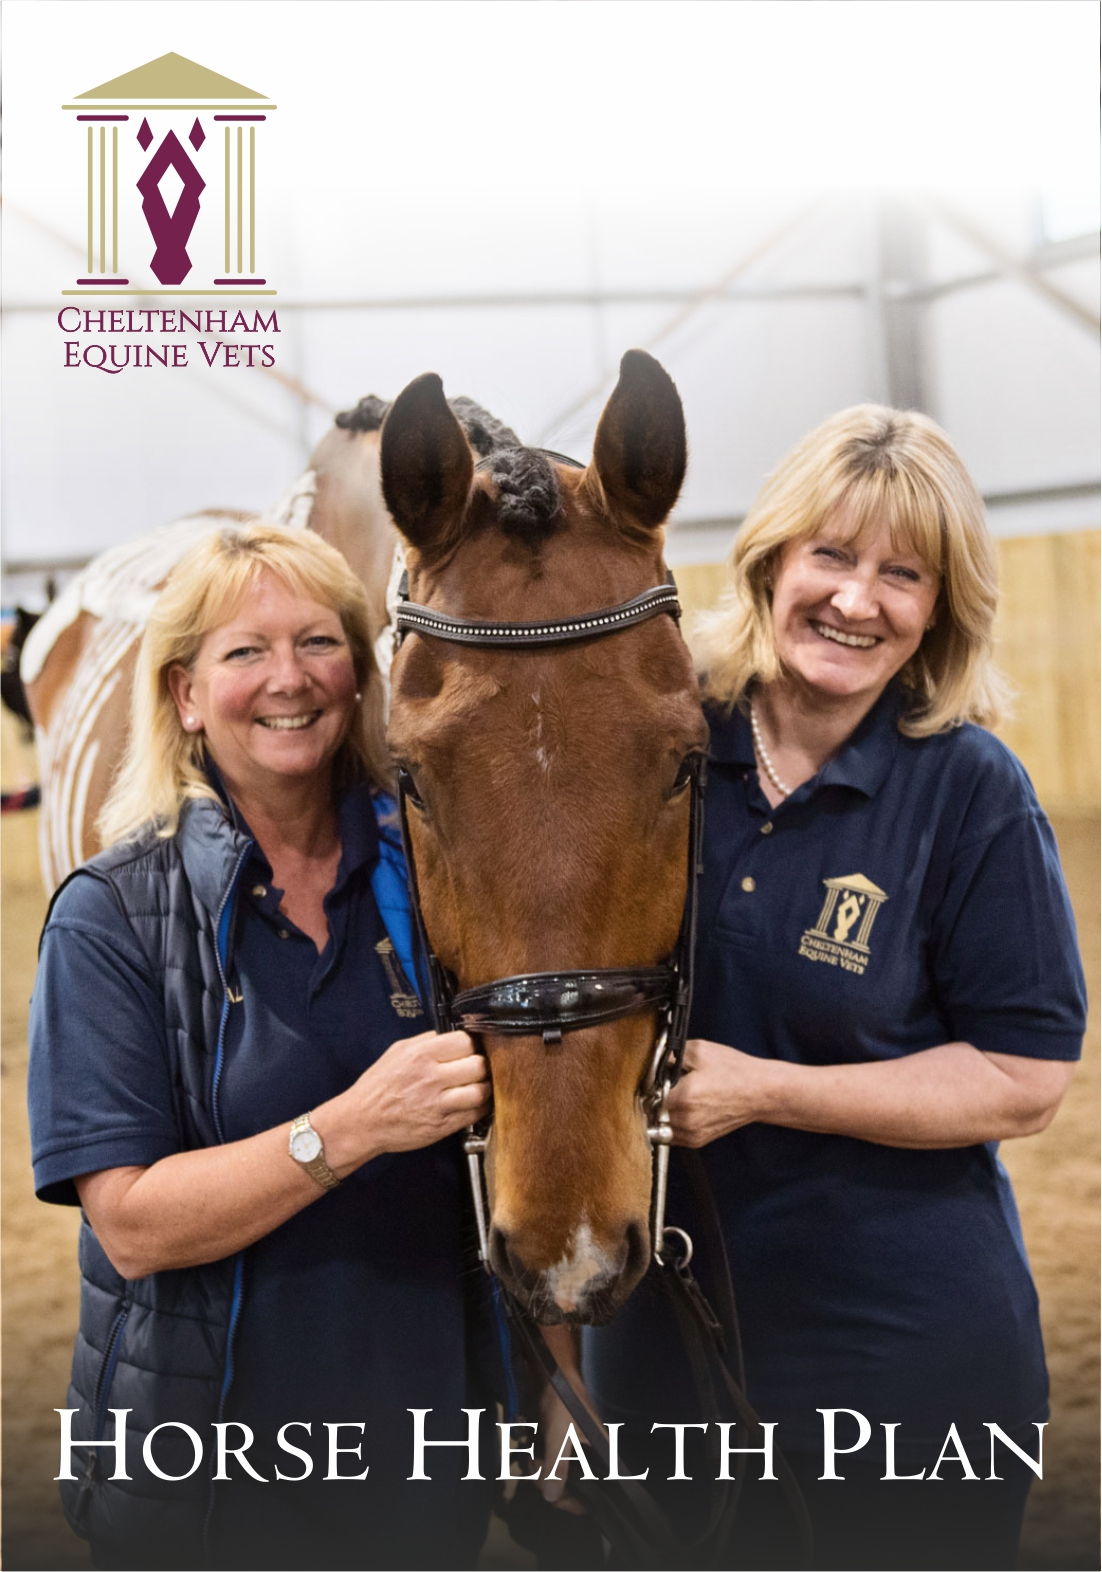 Cheltenham Equine Vets Horse Health Plan